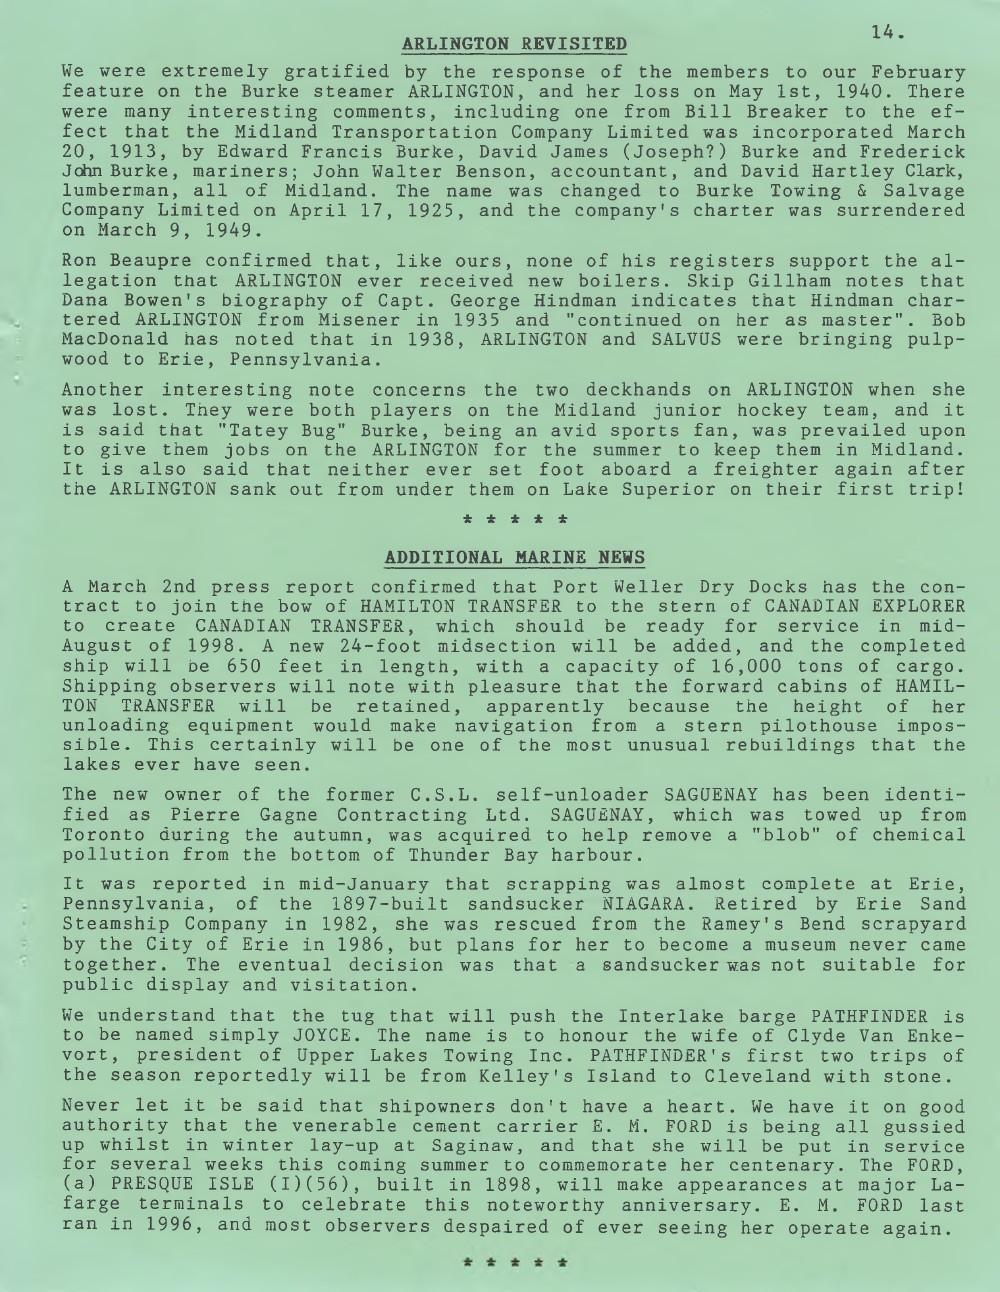 Scanner, v. 30, no. 6 (March 1998)